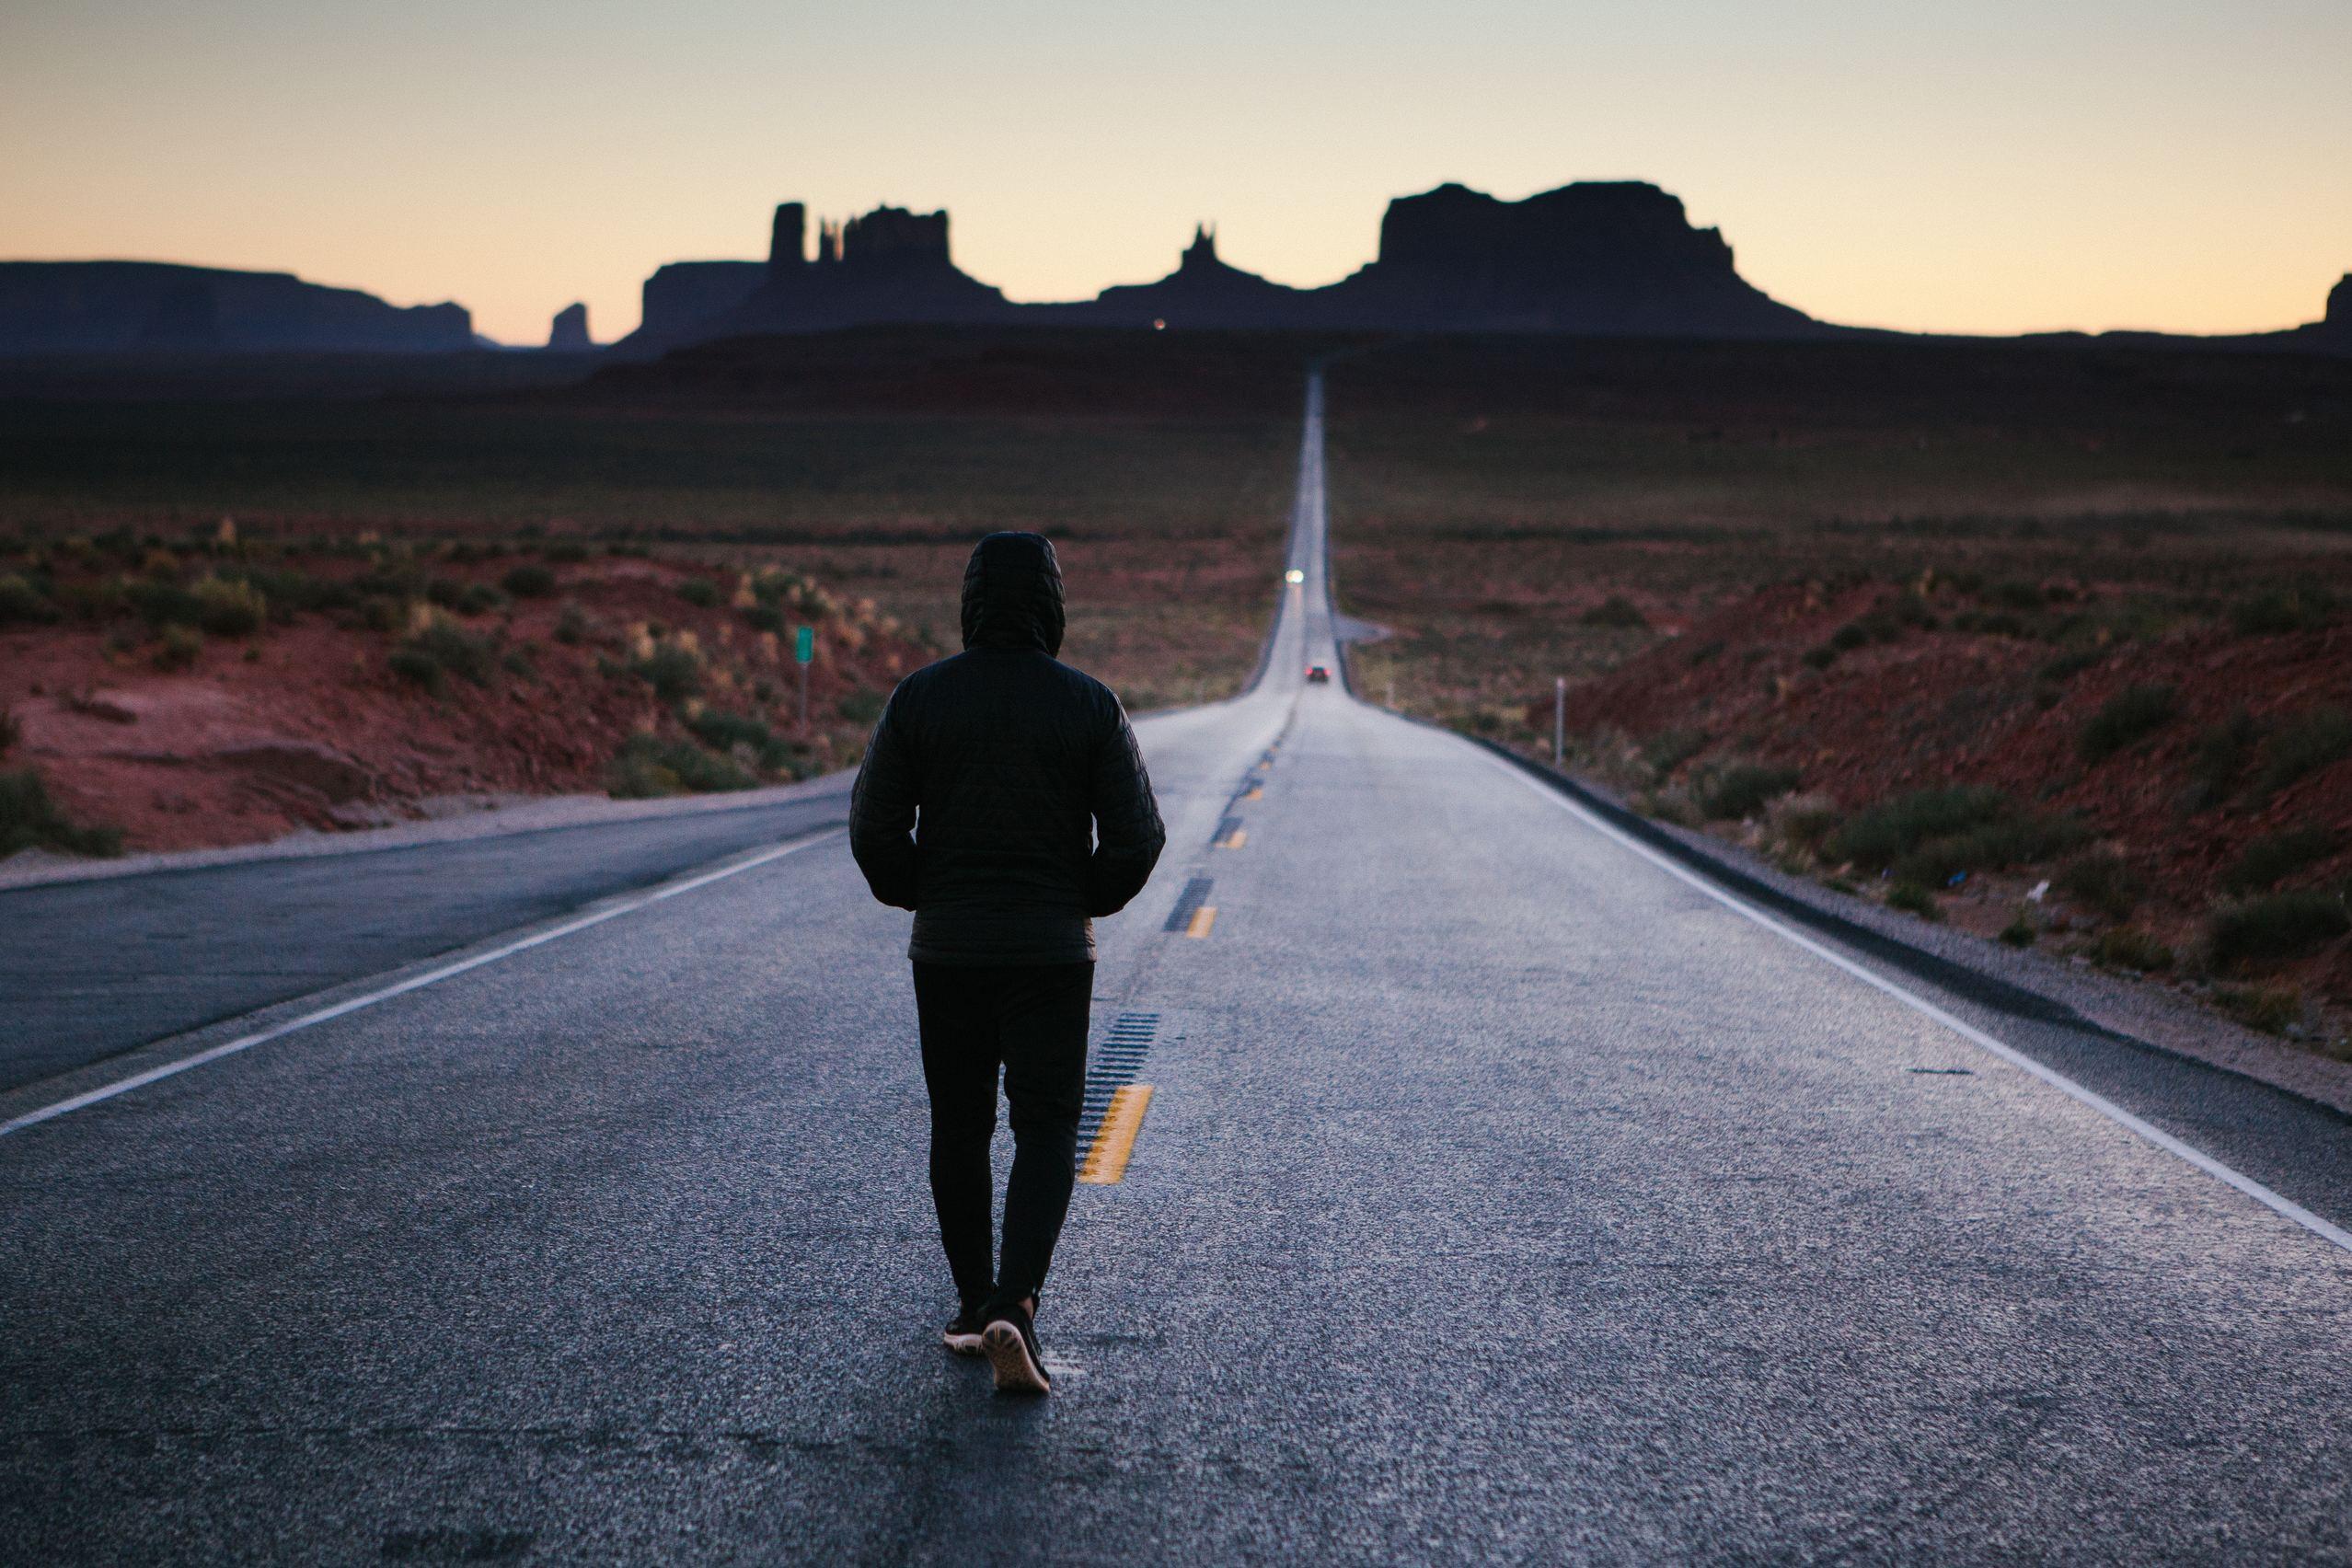 Homem de costas caminhando sozinho no meio de uma estrada